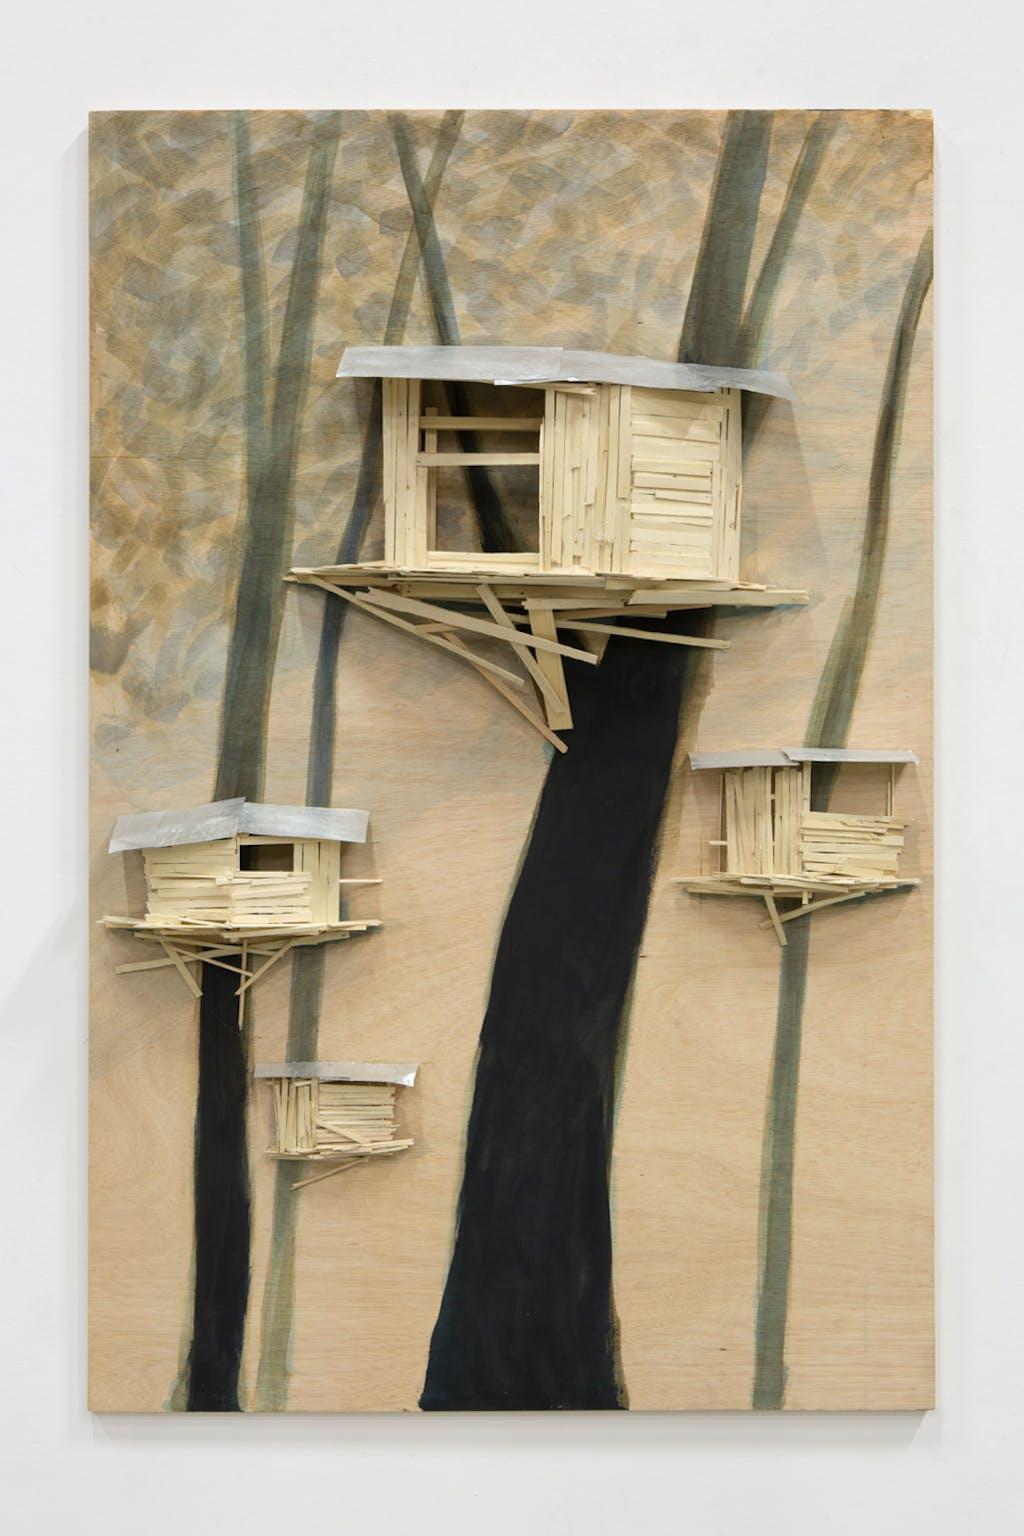 Tree hut Brugge No 26 - © kamel mennour